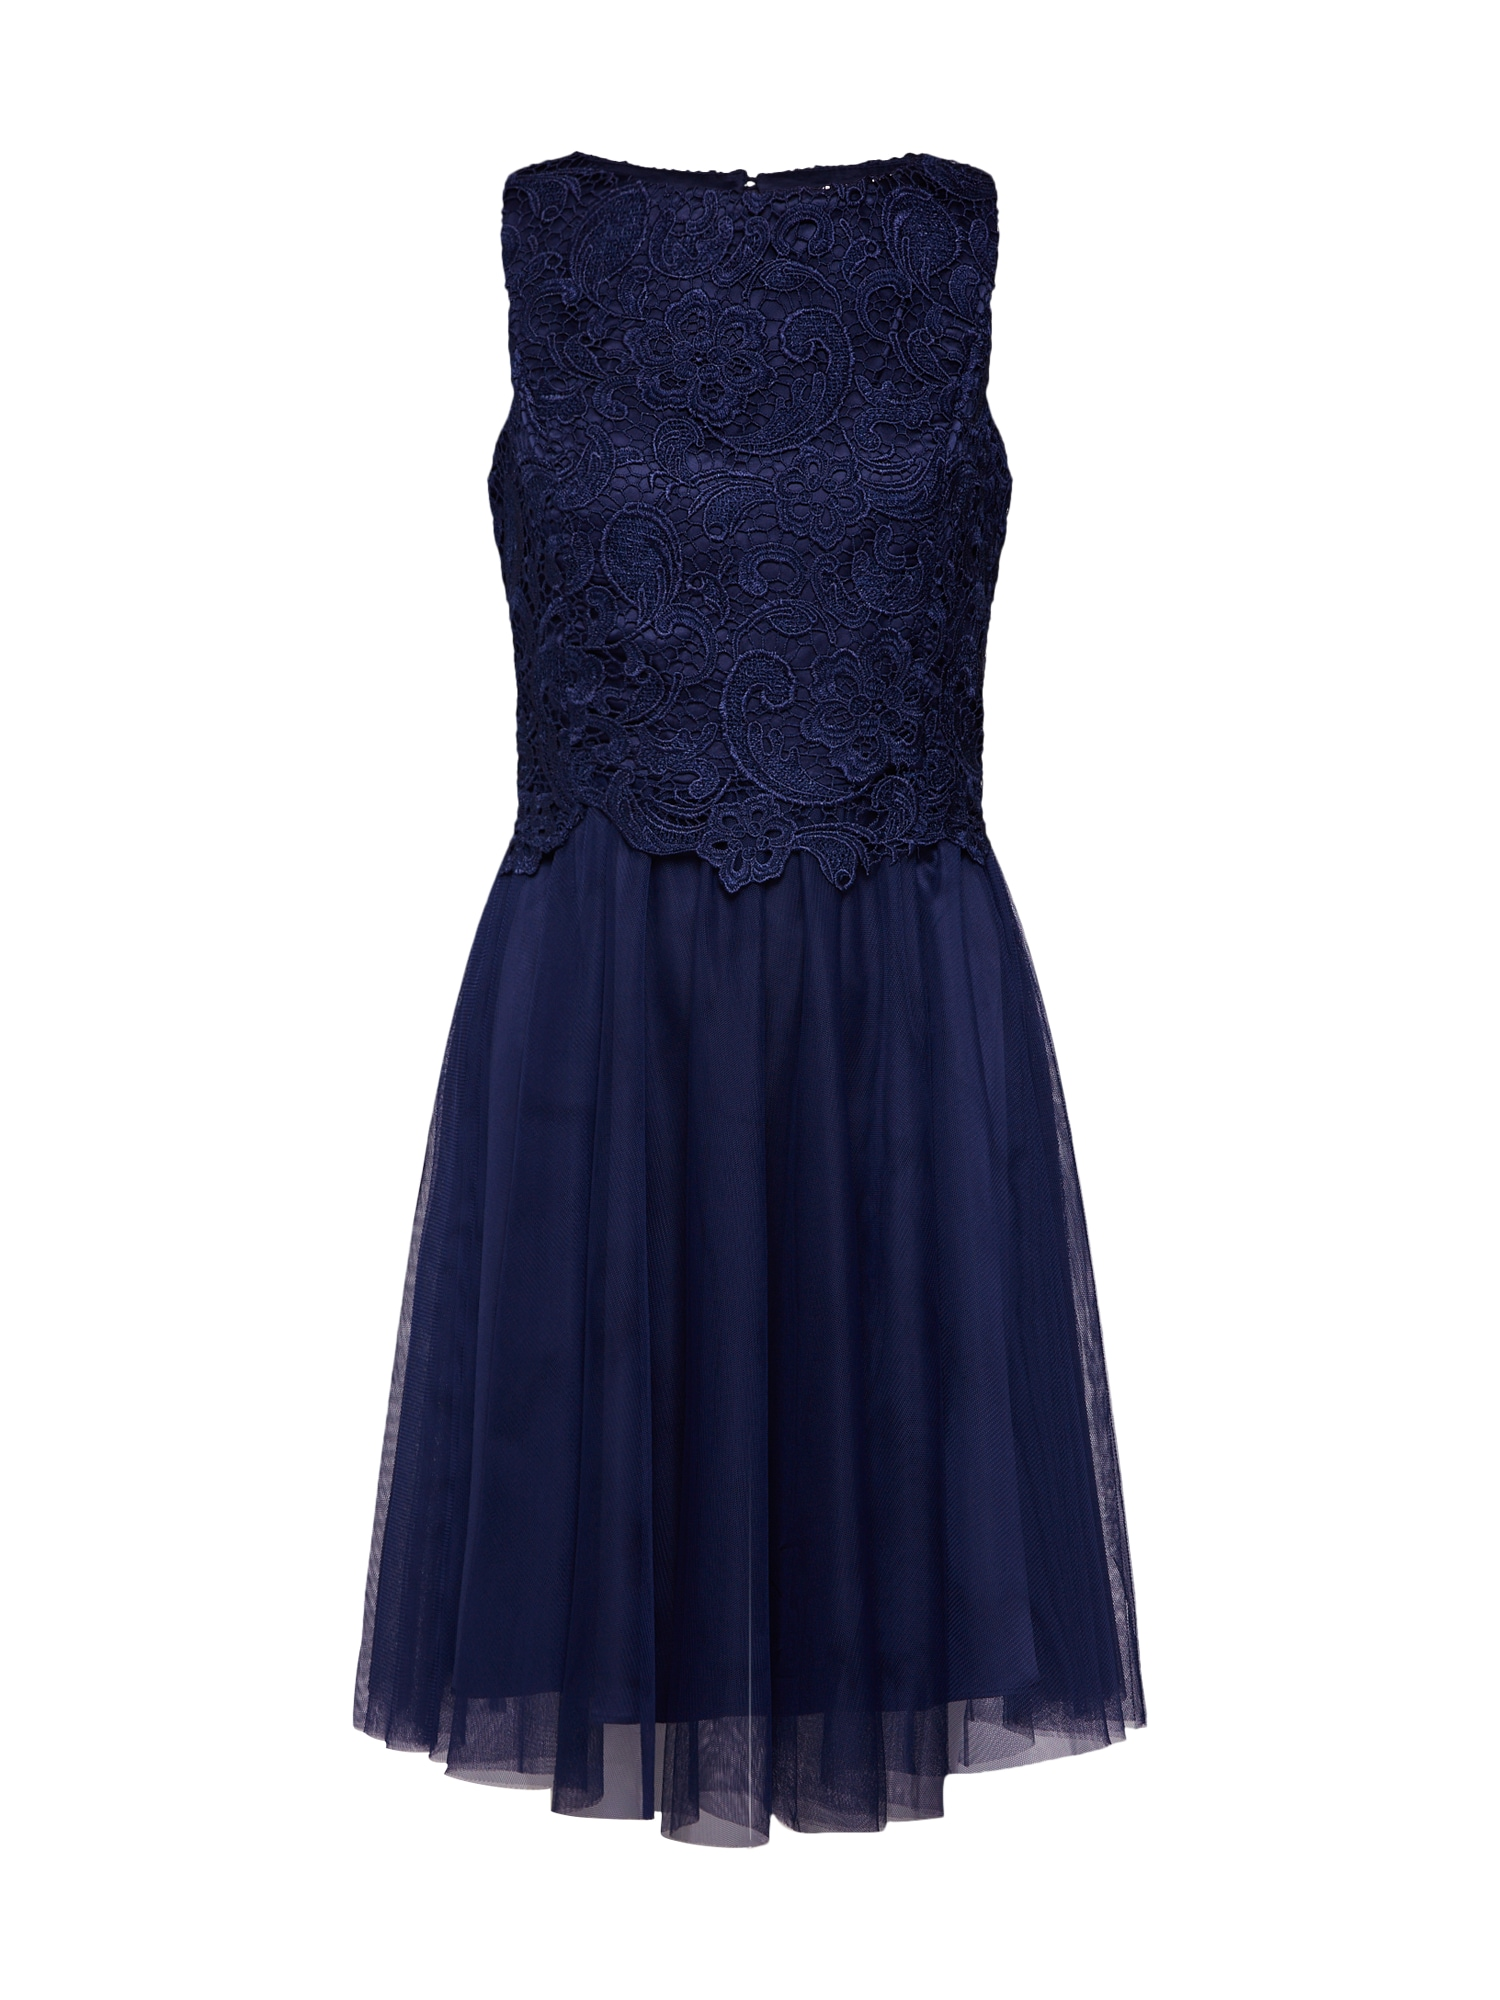 Koktejlové šaty Heavy Lace Sequin Prom Dress námořnická modř Dorothy Perkins Occasion